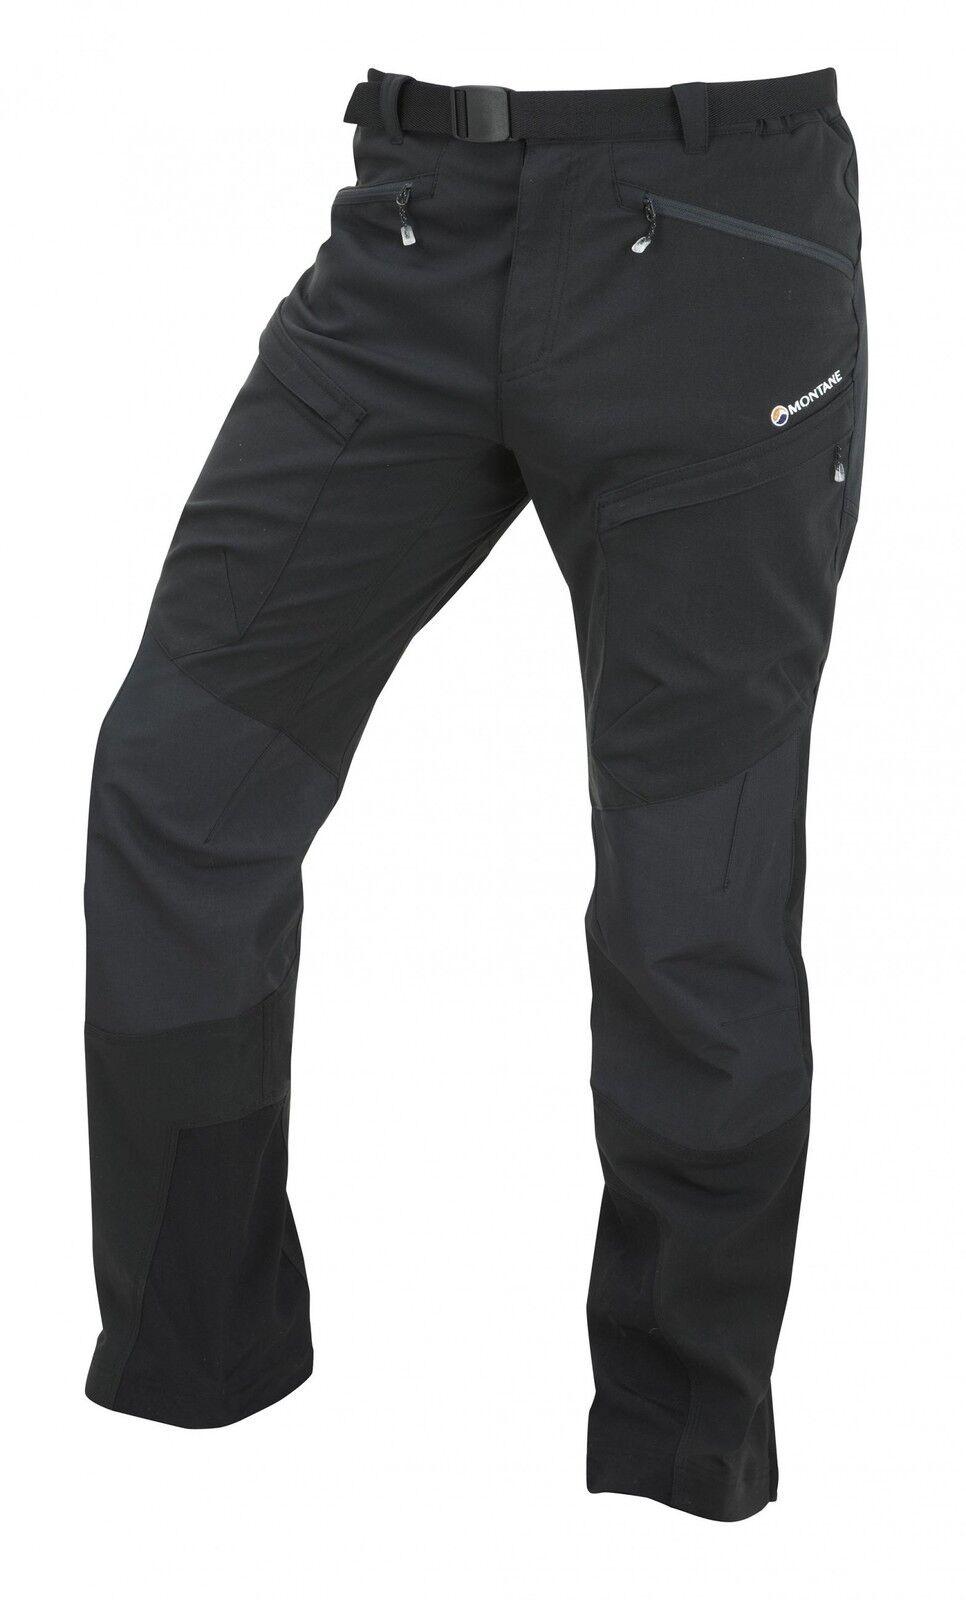 Montane Super Terra Pants Men, Berghose für Herren, Softshell  | Verschiedene aktuelle Designs